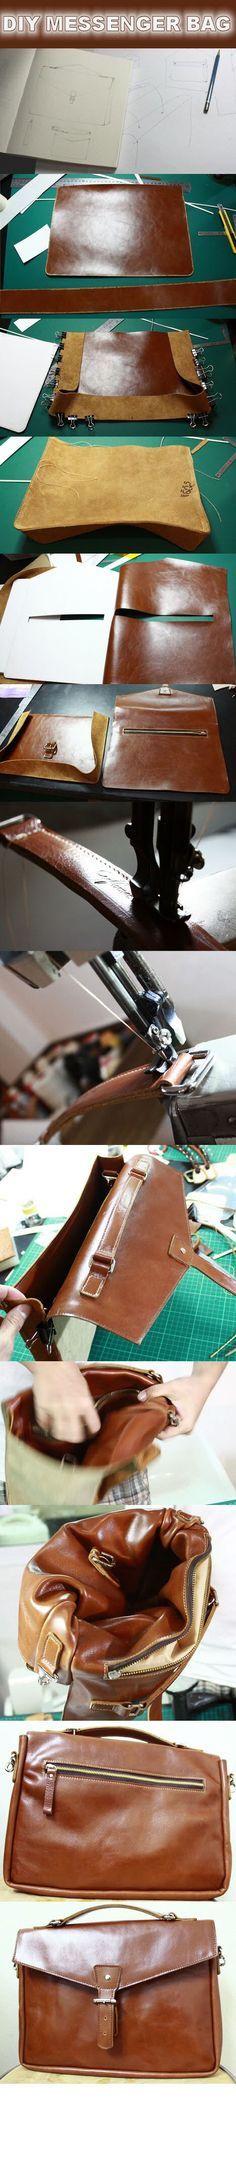 DIY Messenger Bag diy craft crafts diy crafts crafty fashion crafts mens diy guys diy money saving guys crafts mens crafts guy projects